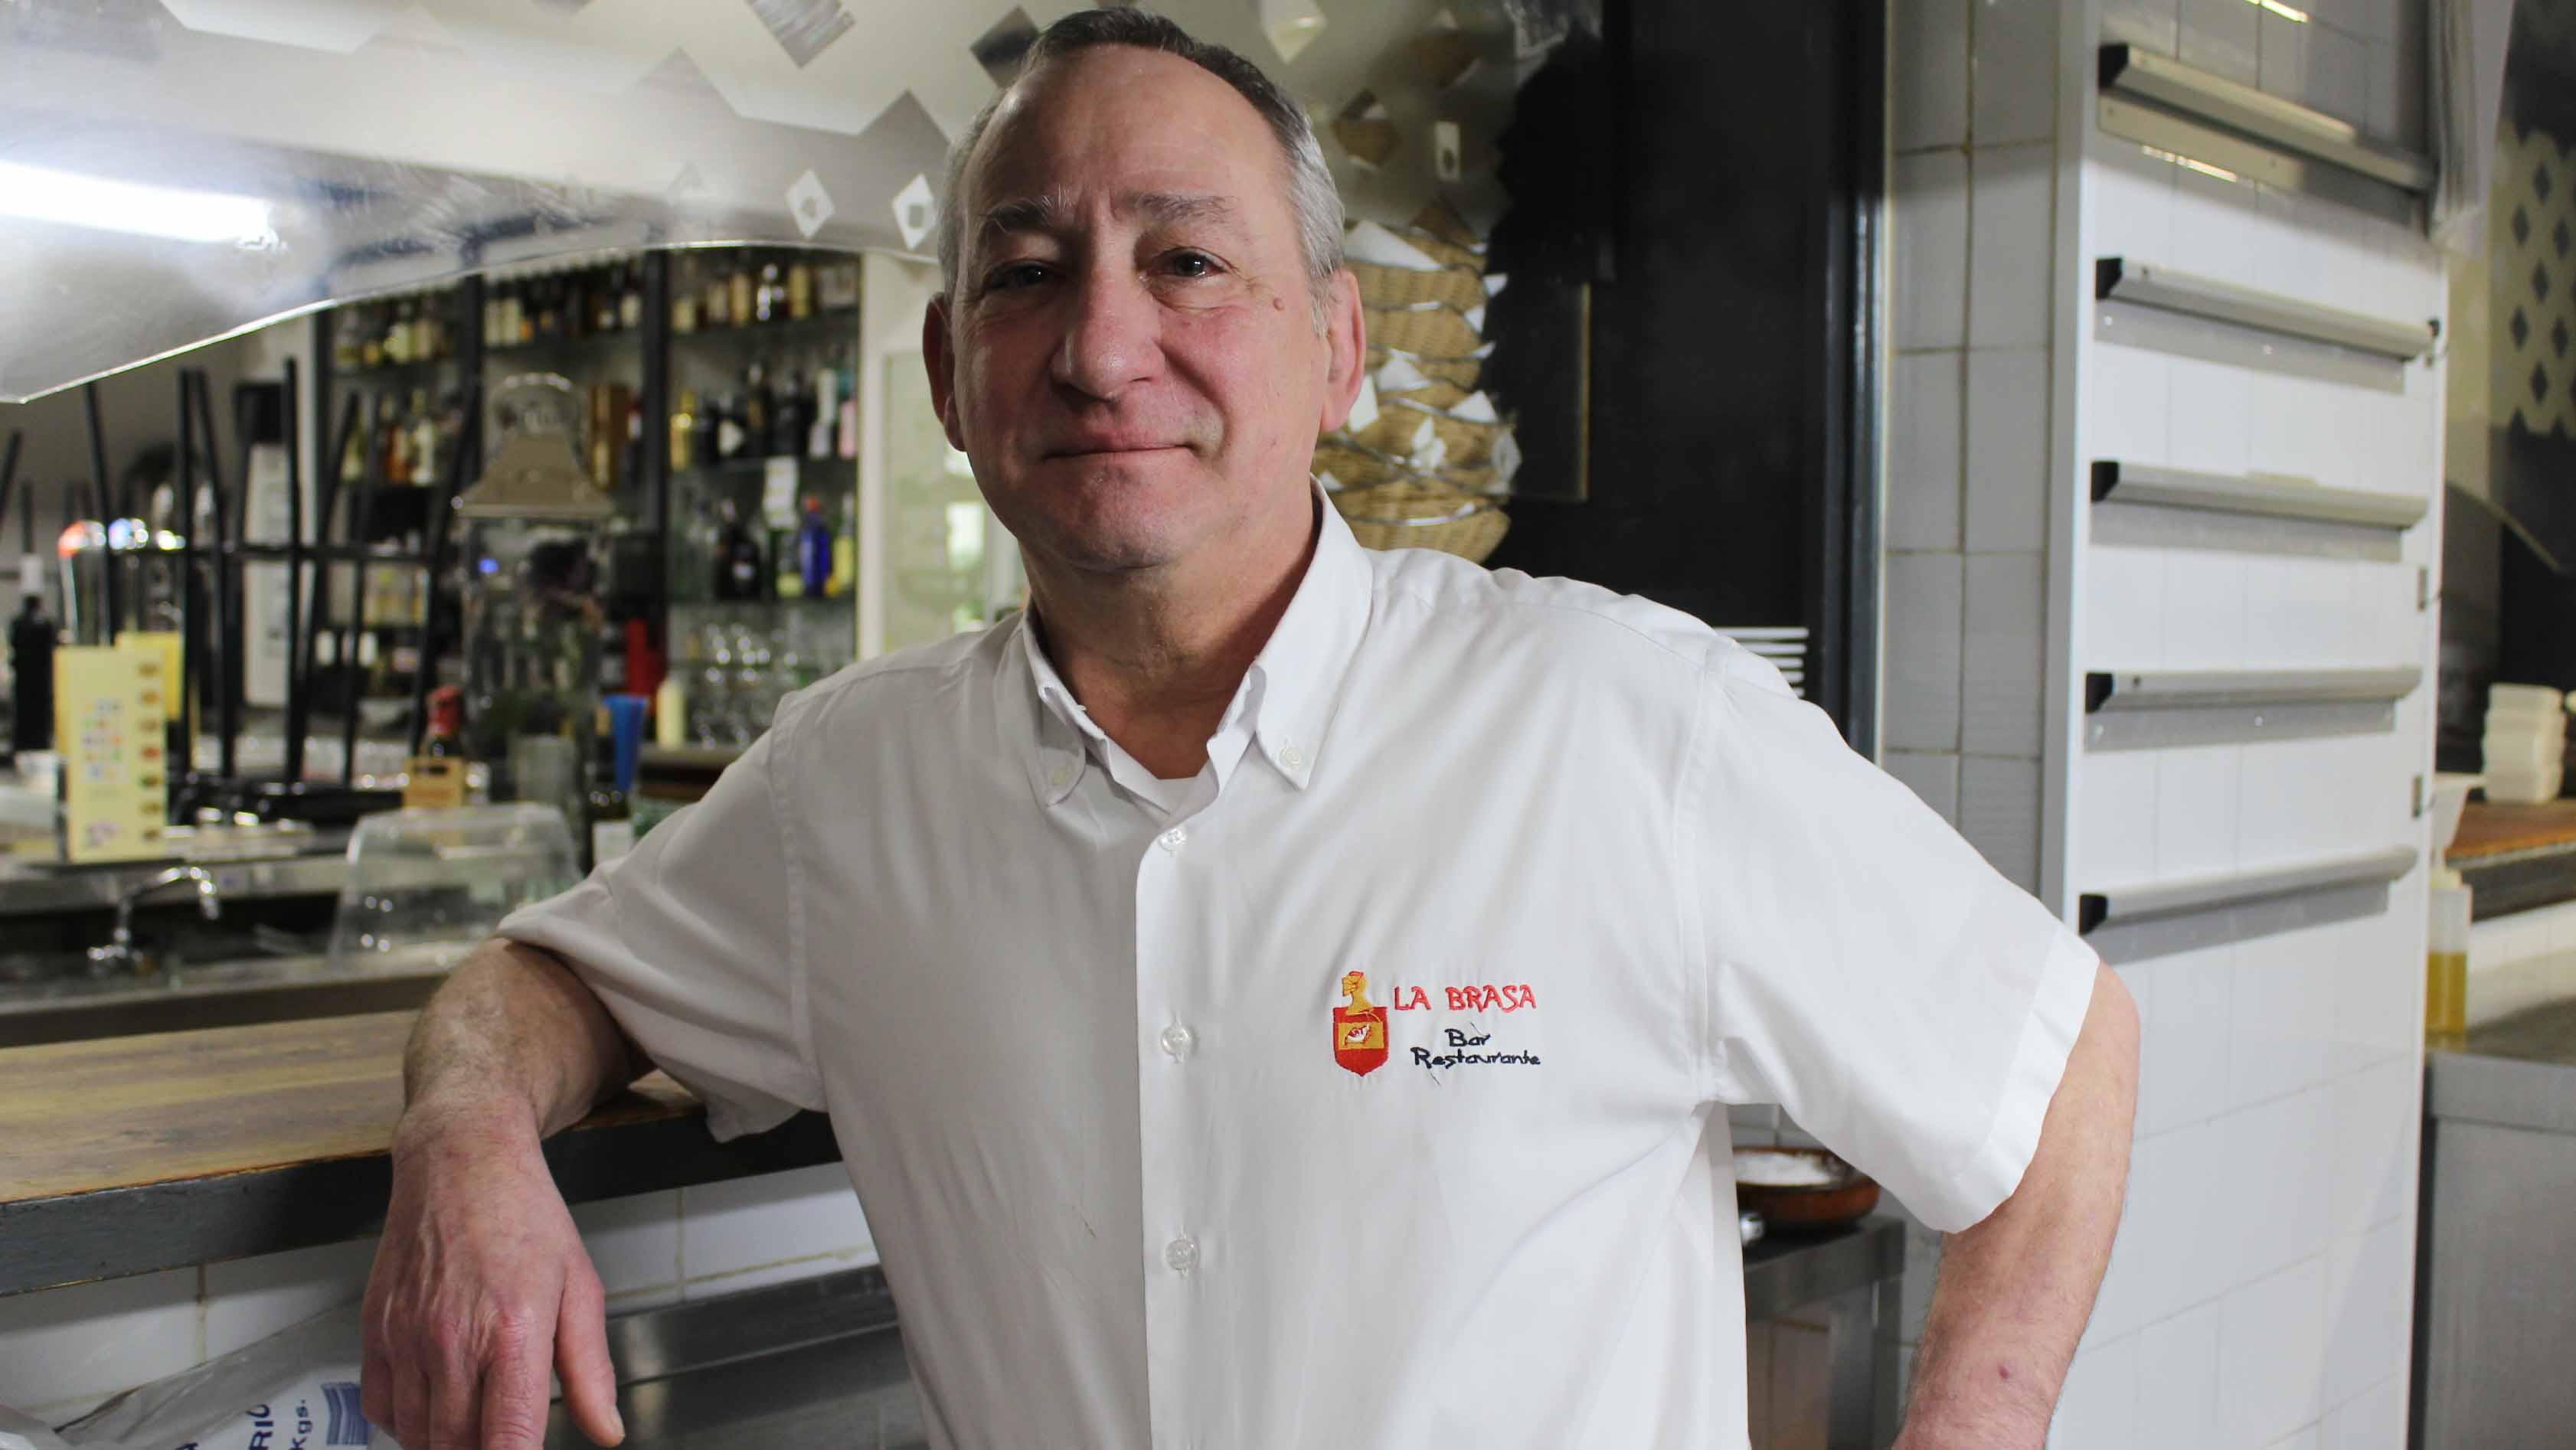 El utrerano Jesús González es un cocinero muy querido en la localidad